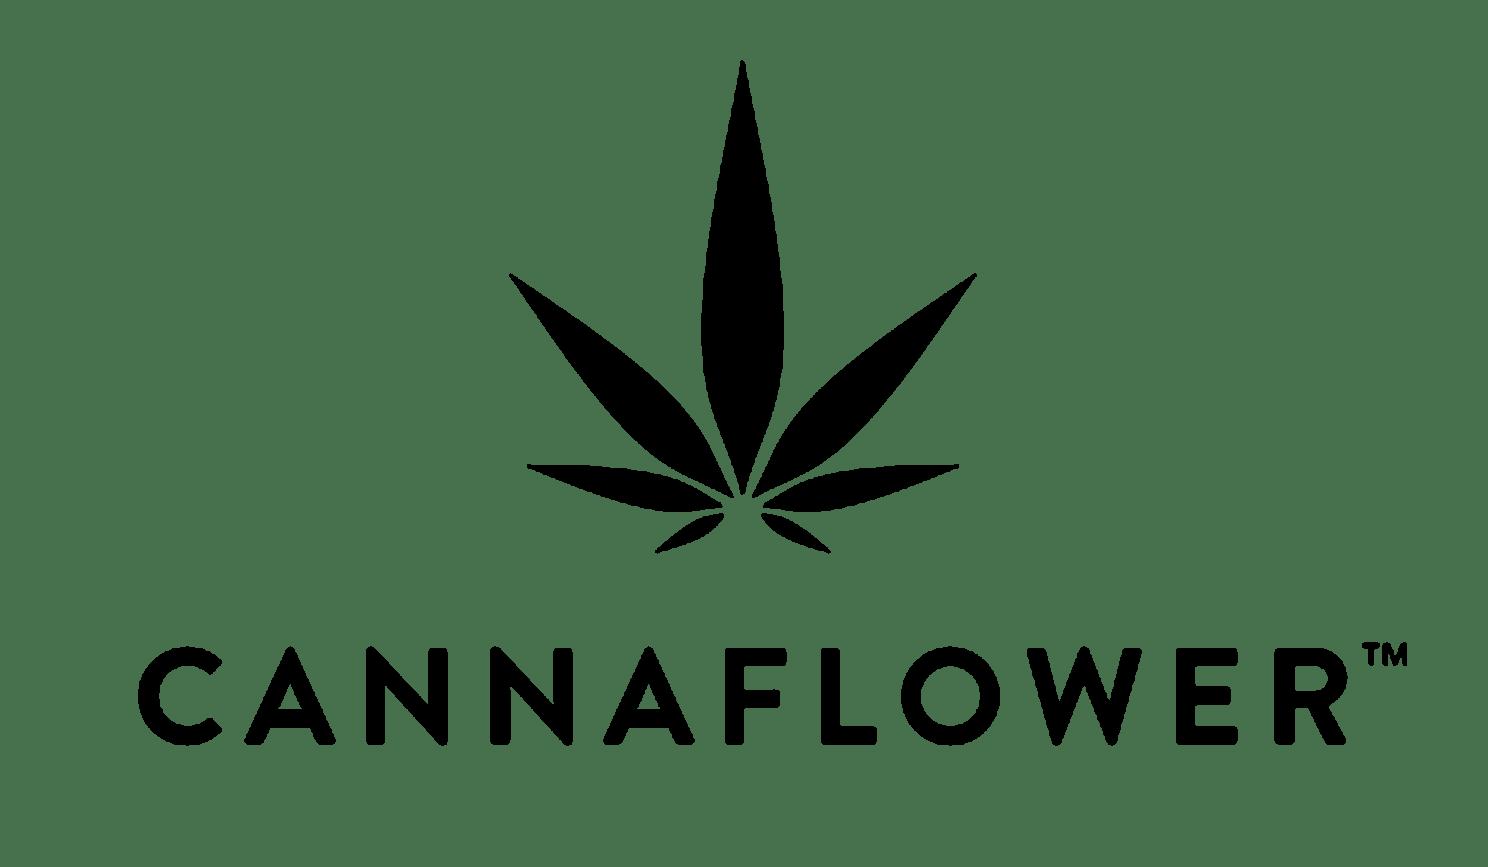 Cannaflower™ Logo